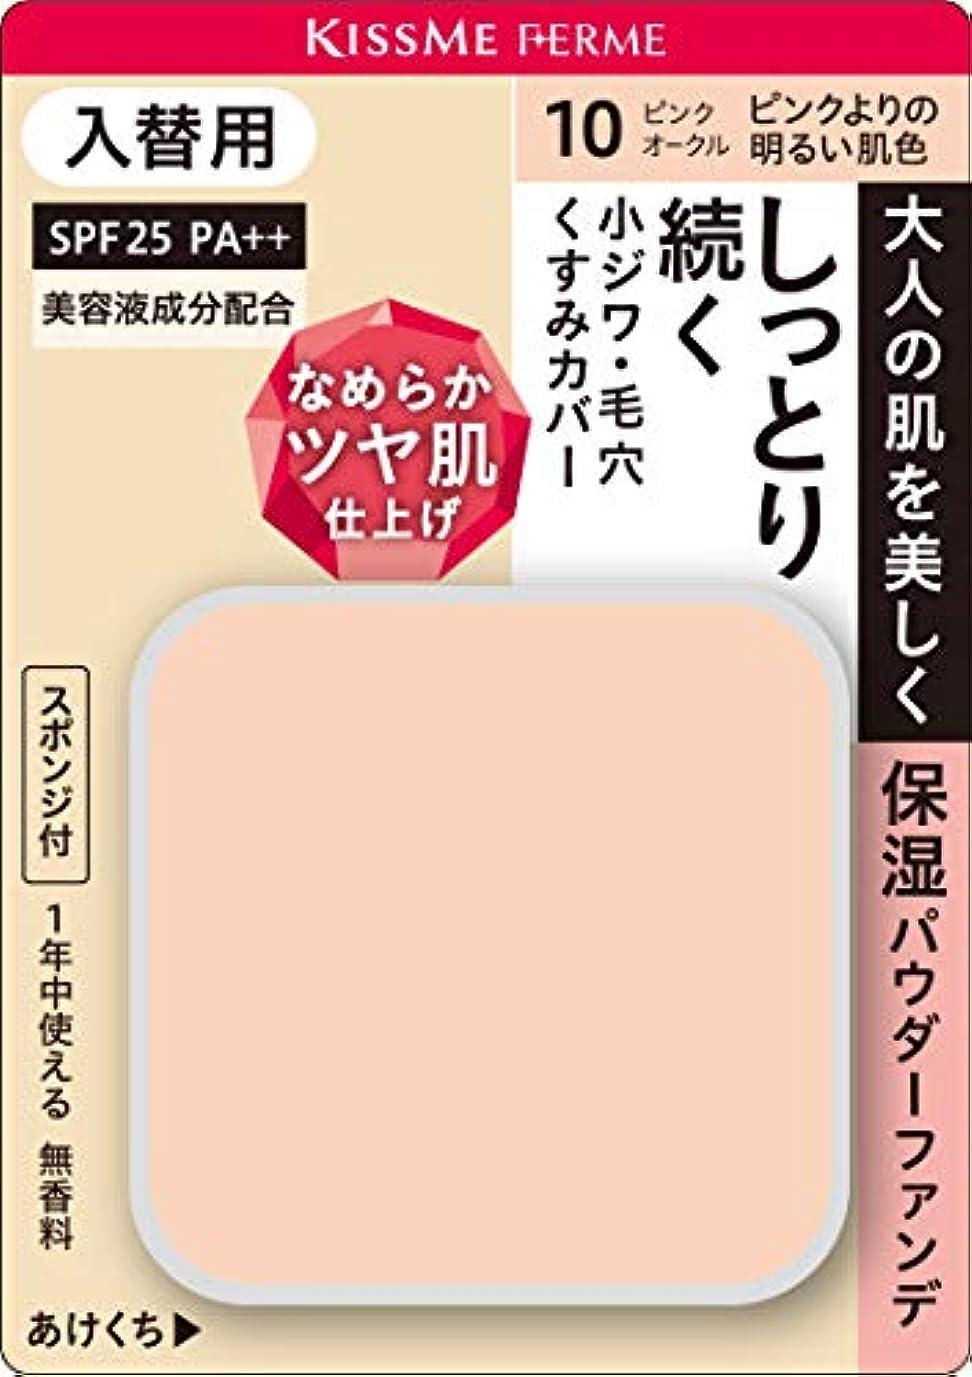 フェルム しっとりツヤ肌パウダーファンデ 入替用 10ピンクよりの明るい肌色